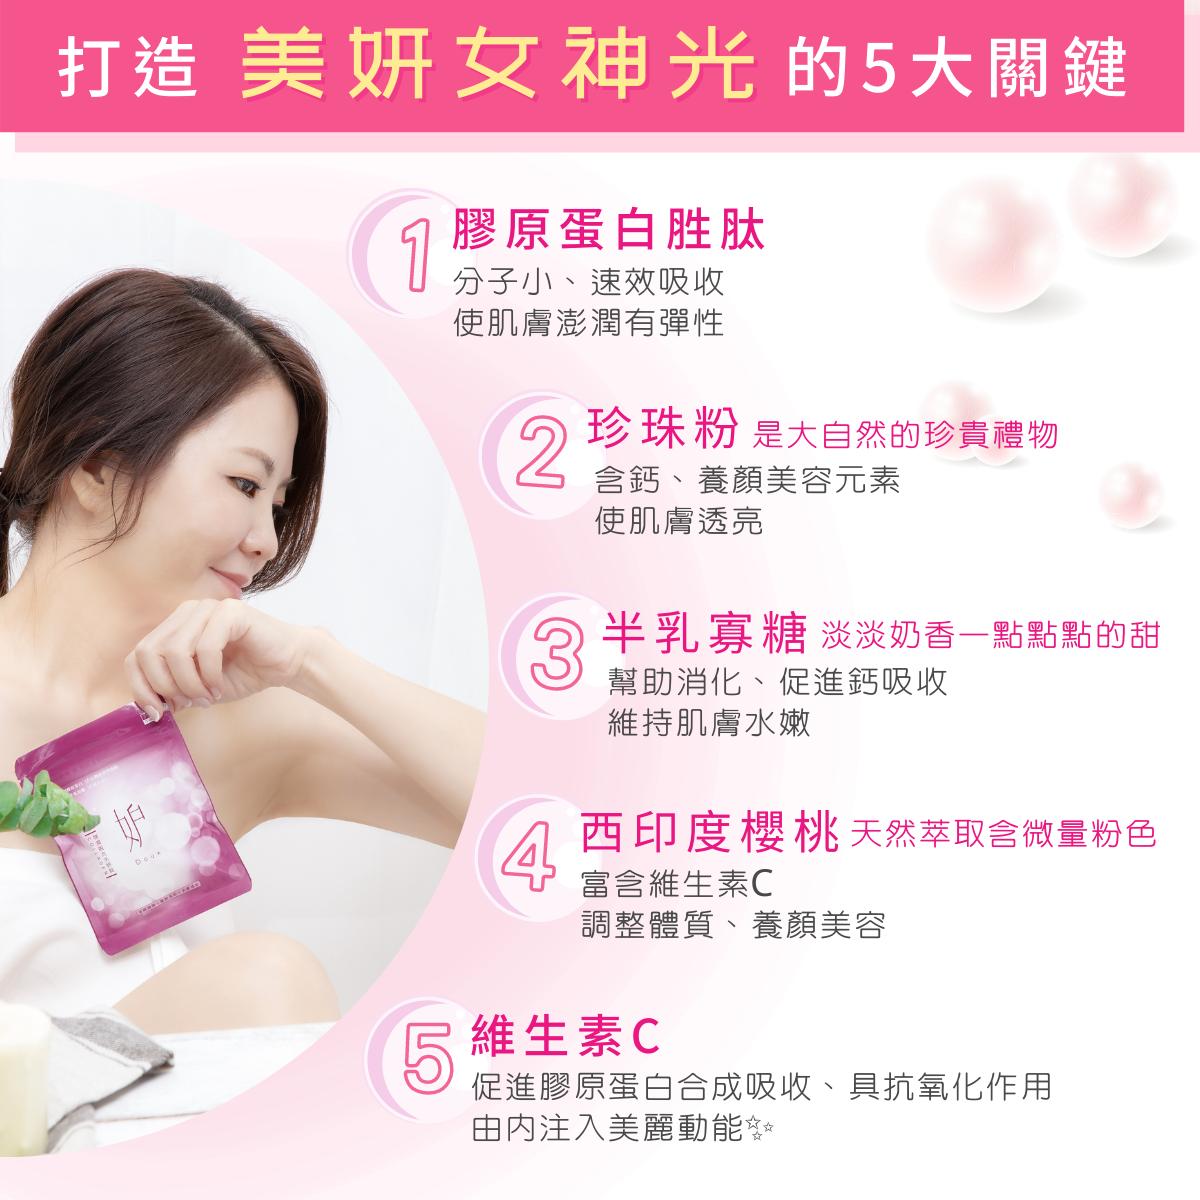 彈潤靚亮美妍錠:打造美妍女神光的5大關鍵